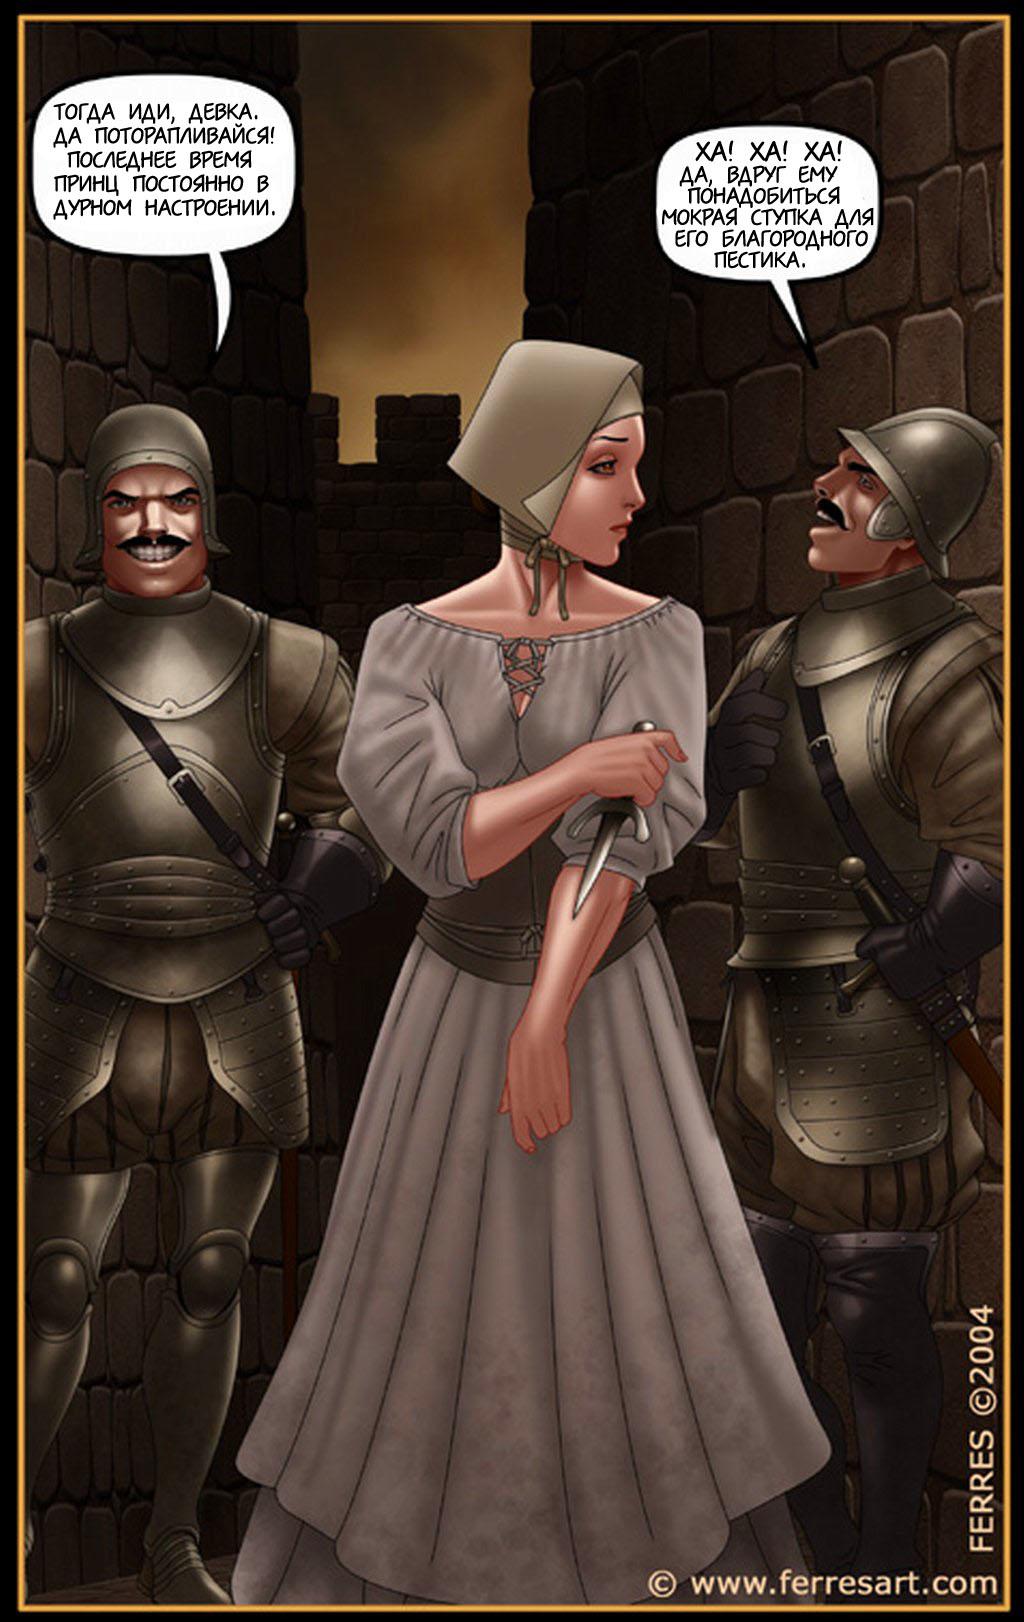 Секс в средневековье онлайн